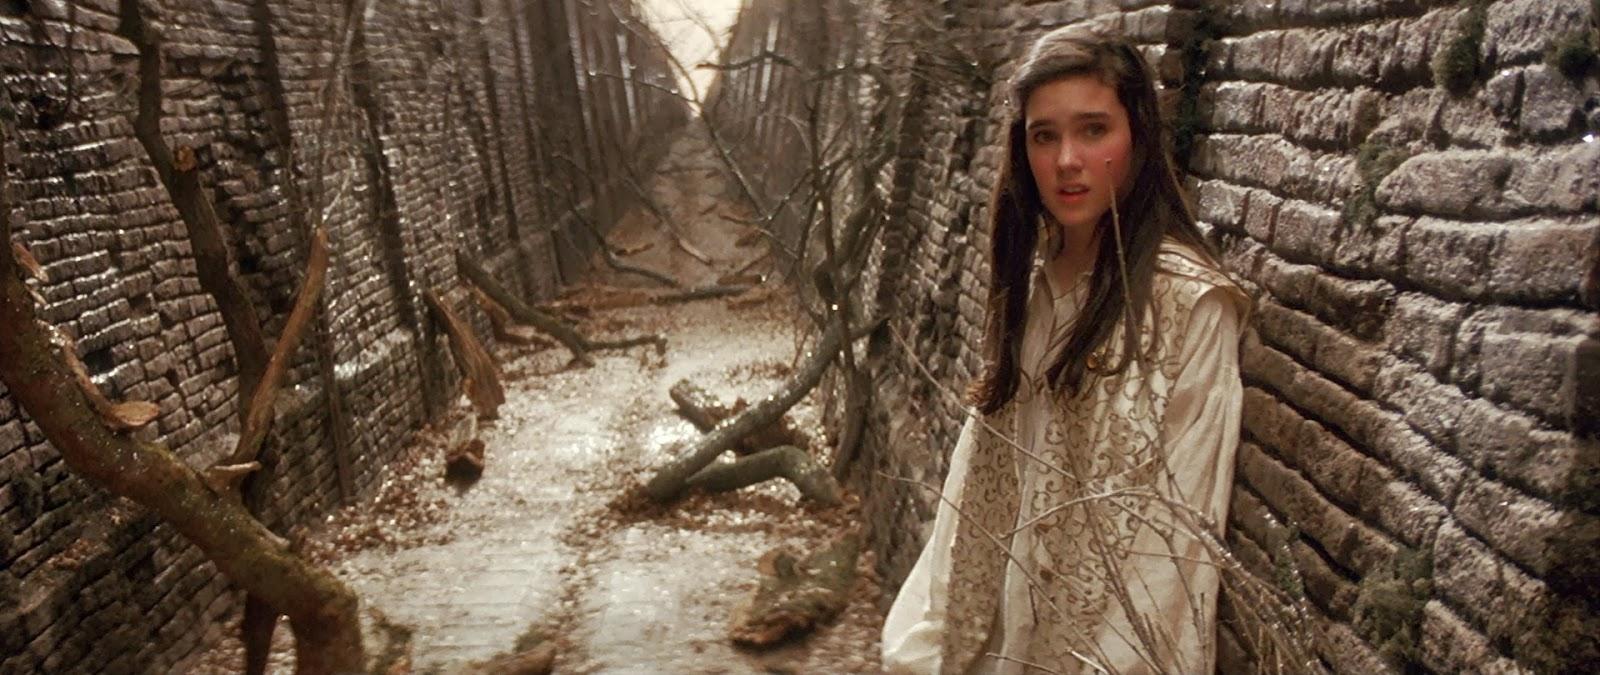 """[CINEMA] """"Labirinto – A Magia do Tempo"""": amadurecimento e empoderamento de uma adolescente através da fantasia"""